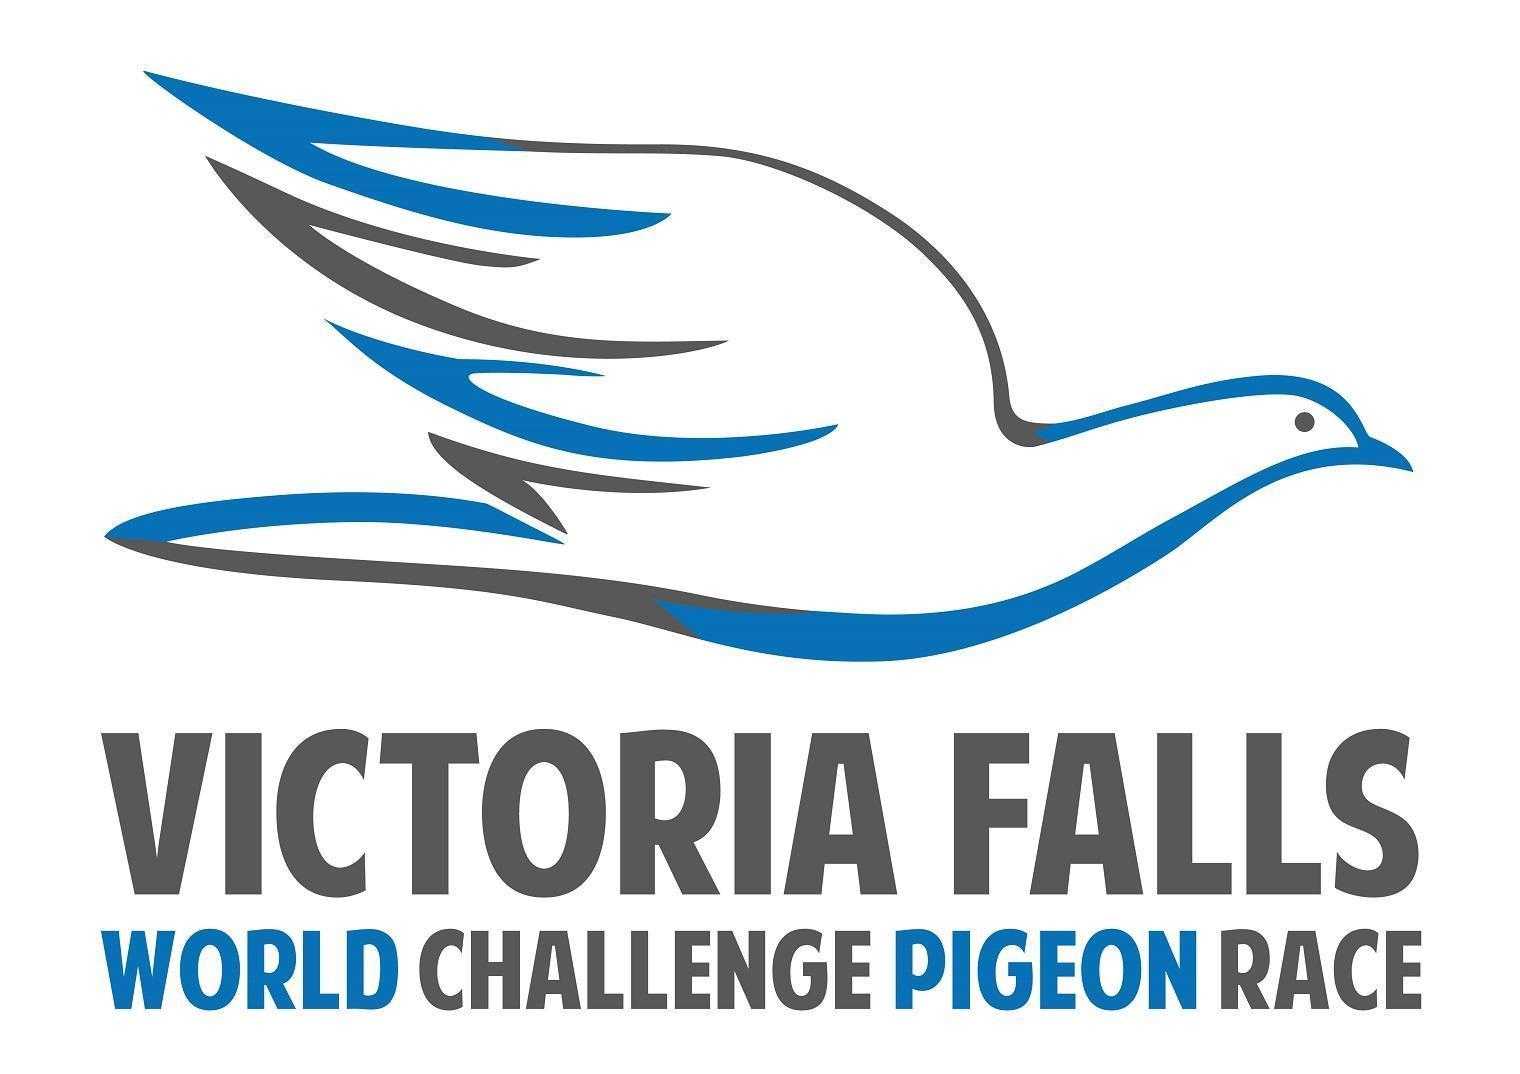 VICTORIA FALLS PERFORMANCE PIGEONS Part 2